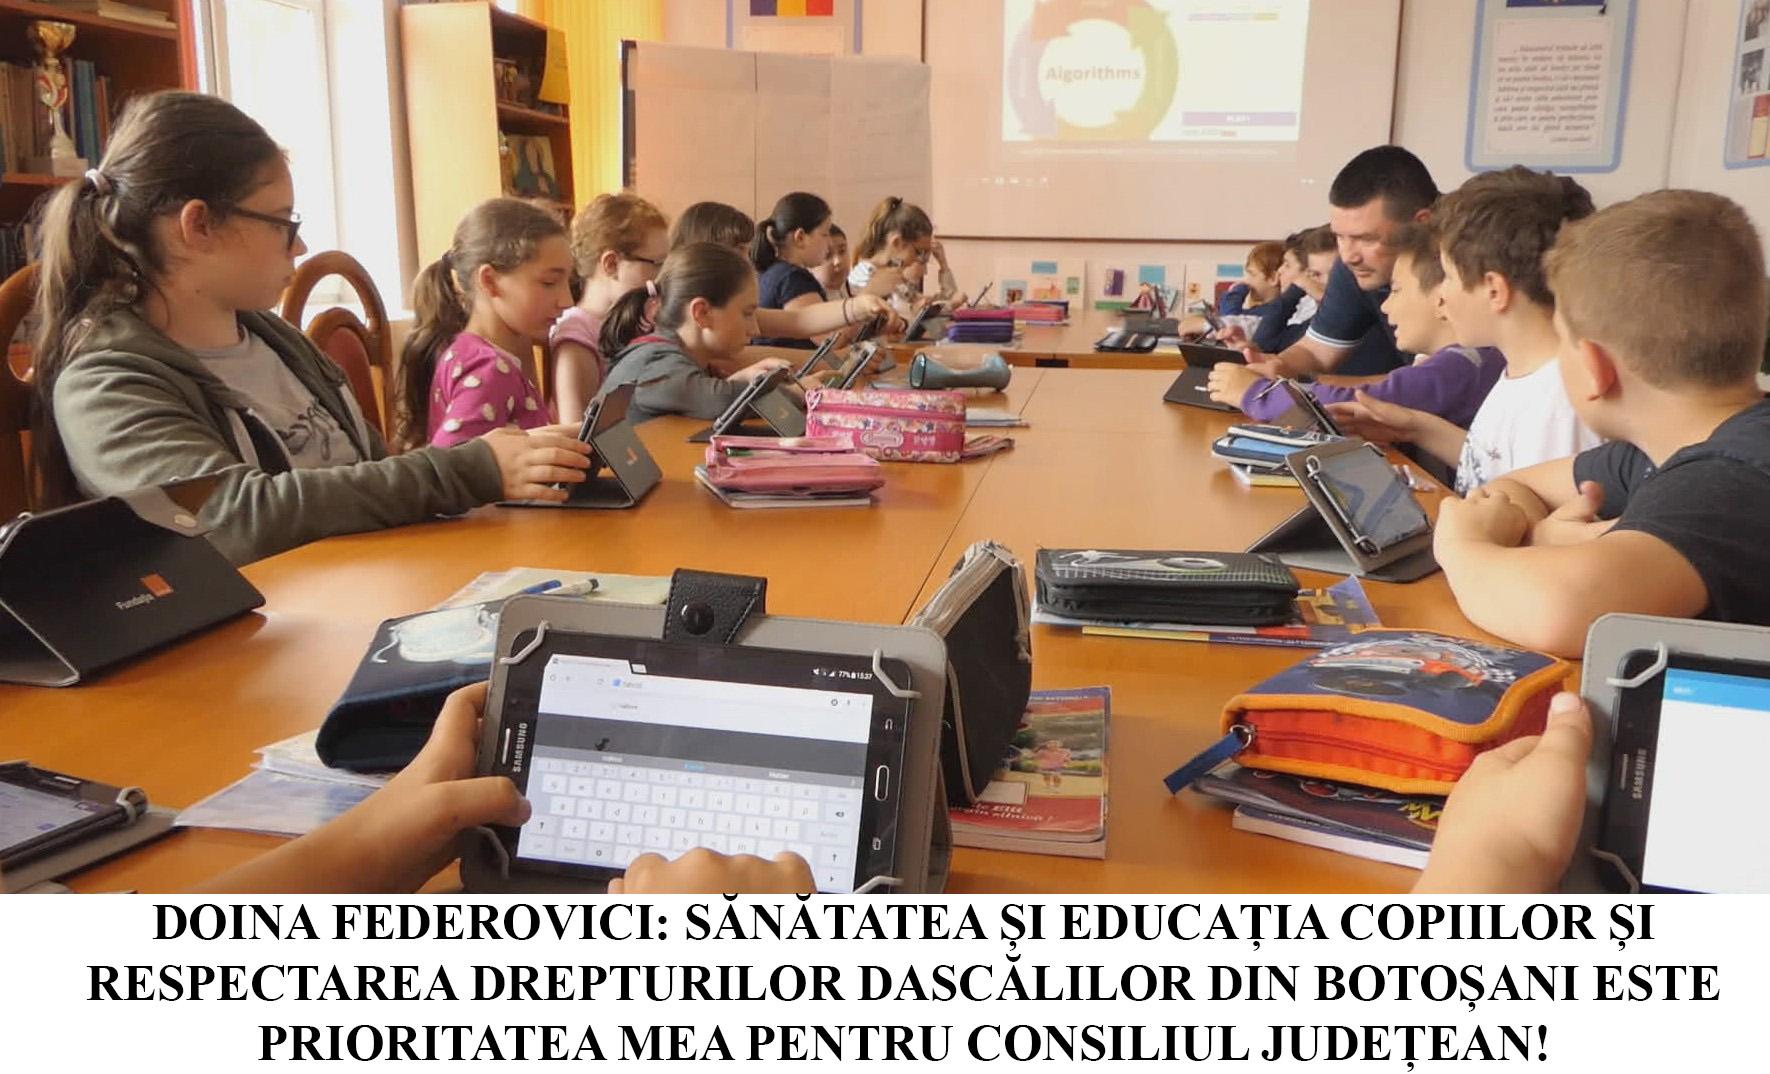 """Doina Federovici: """"Profesorii și elevii din Botoșani au fost prea mult ignorați și jigniți de Guvernul Orban! Respectarea drepturilor și sănătății acestora este prioritatea mea la Consiliul Județean"""""""